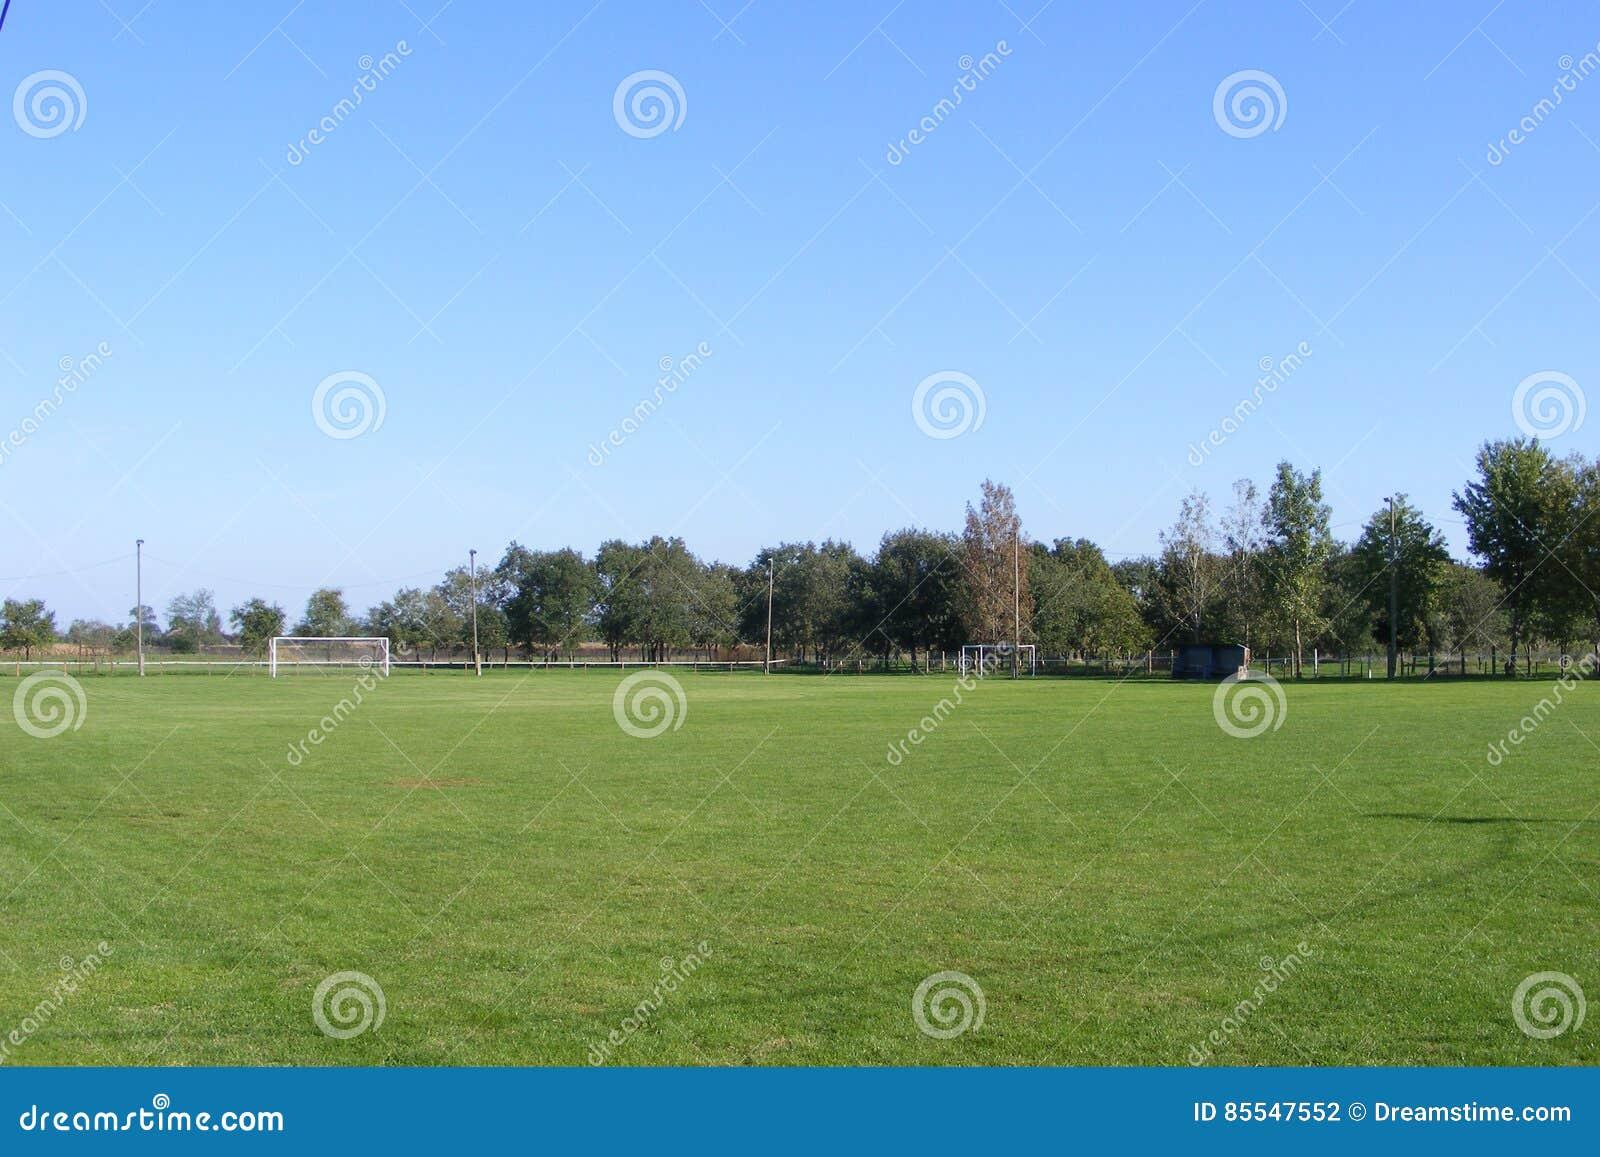 Futebol rural, passo tomado do anfiteatro em uma mola ensolarada, dia do futebol de verões